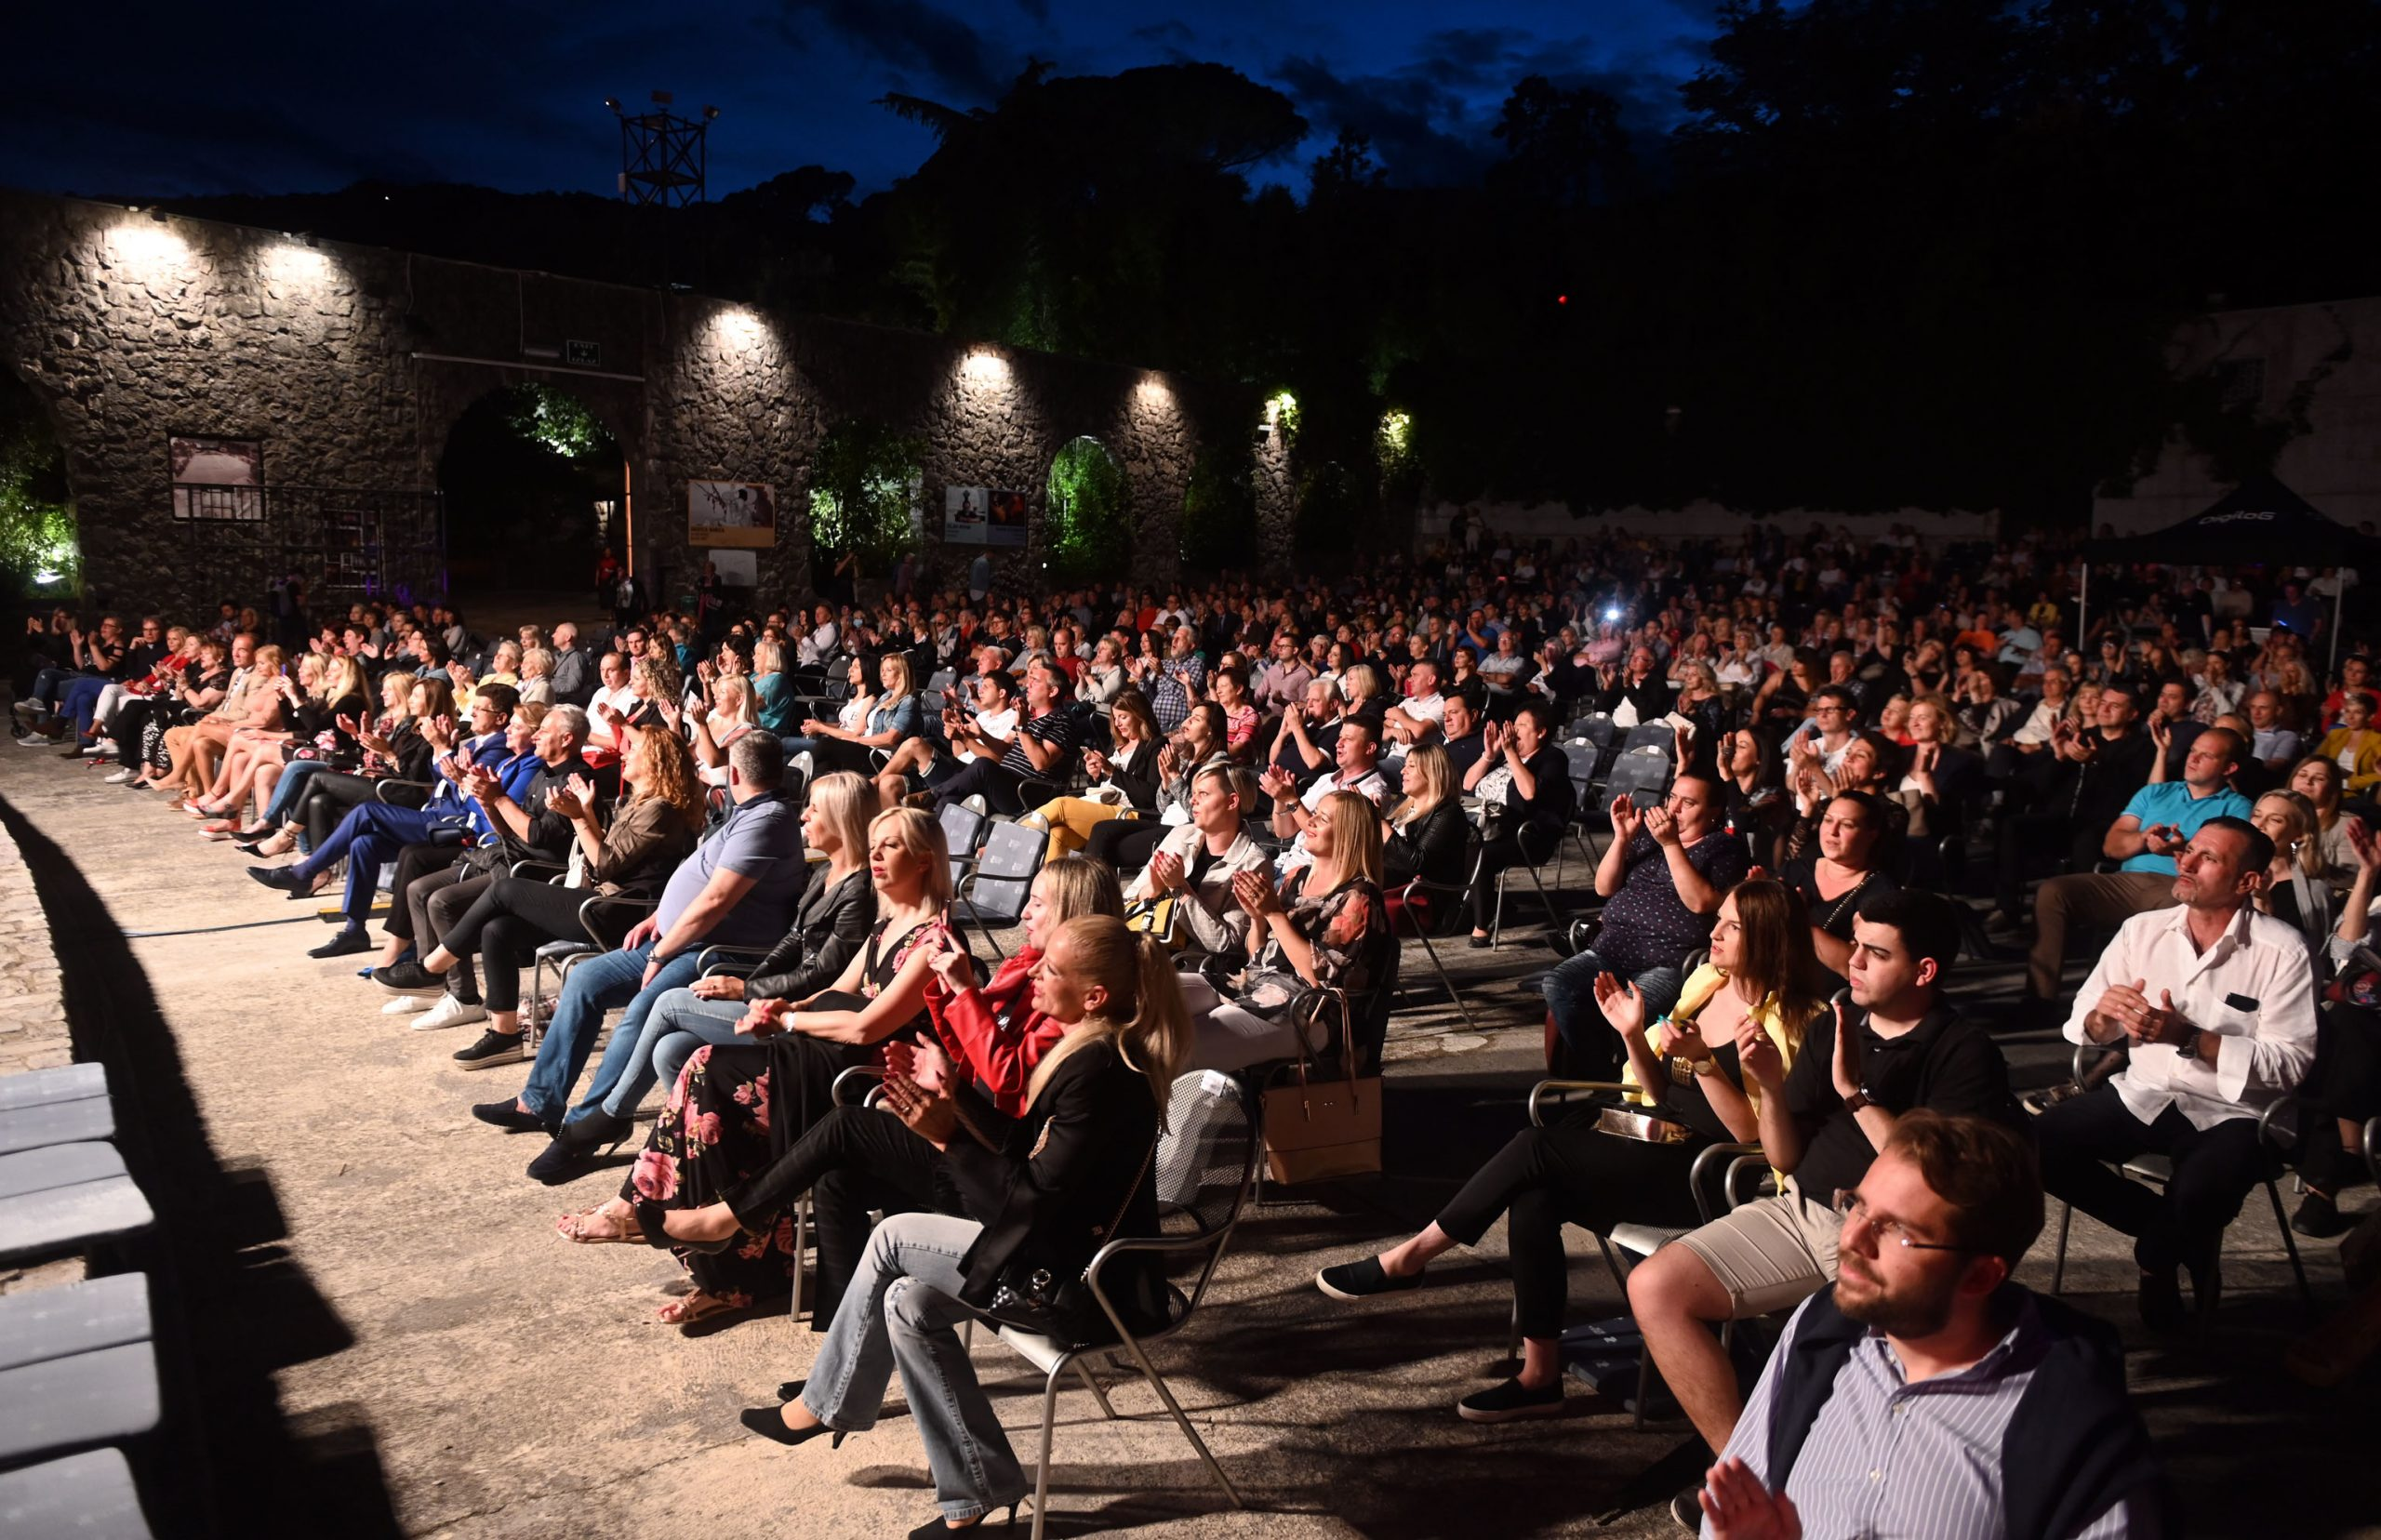 Ovoljetni događaji na Ljetnoj pozornici održani su uz nužni razmak među gledateljima / Foto V. KARUZA